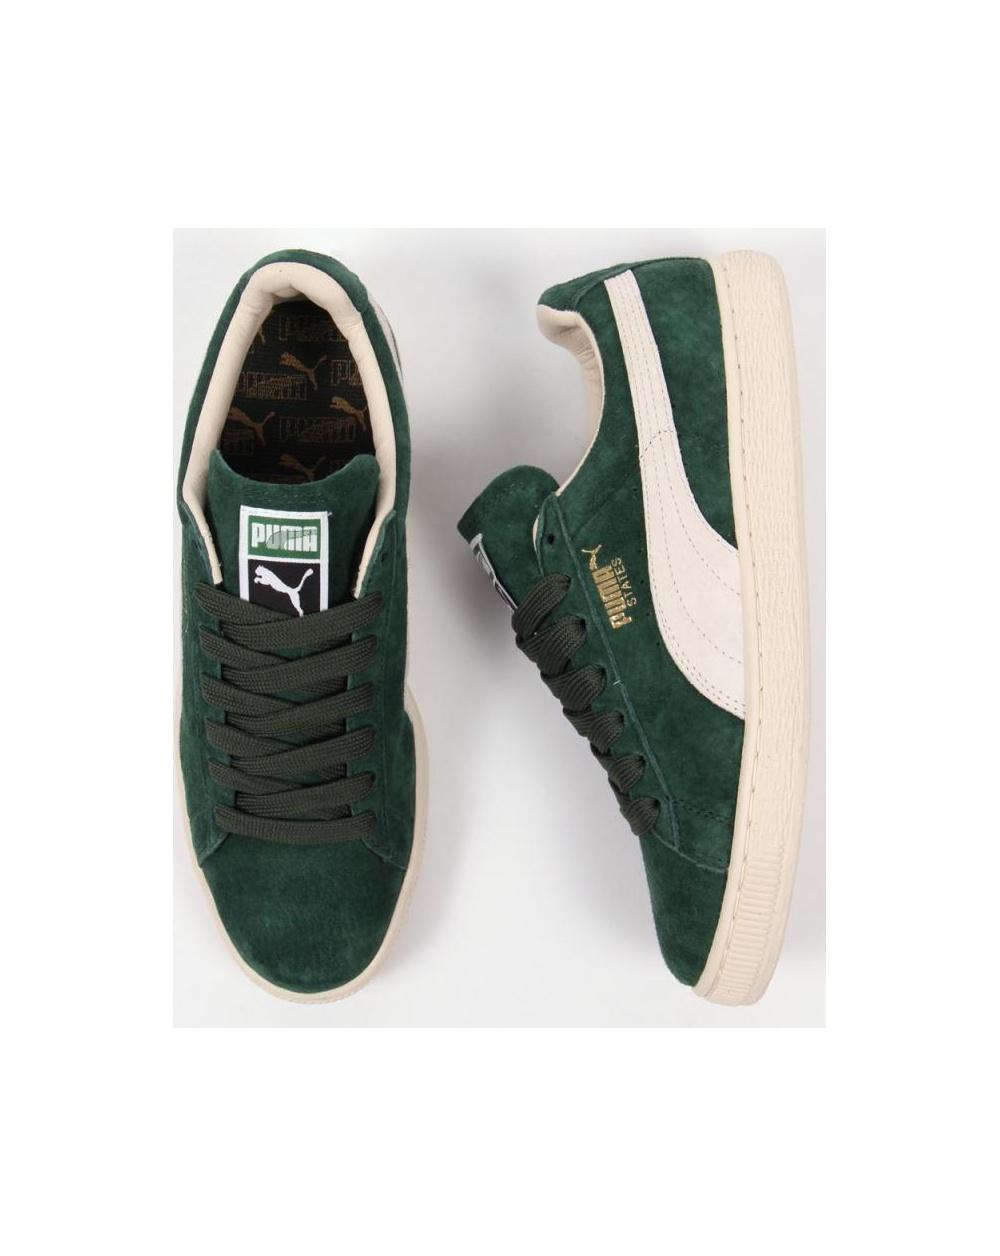 Puma Nm Estados Zapatillas De Gamuza Verde yLSAMkTcWx